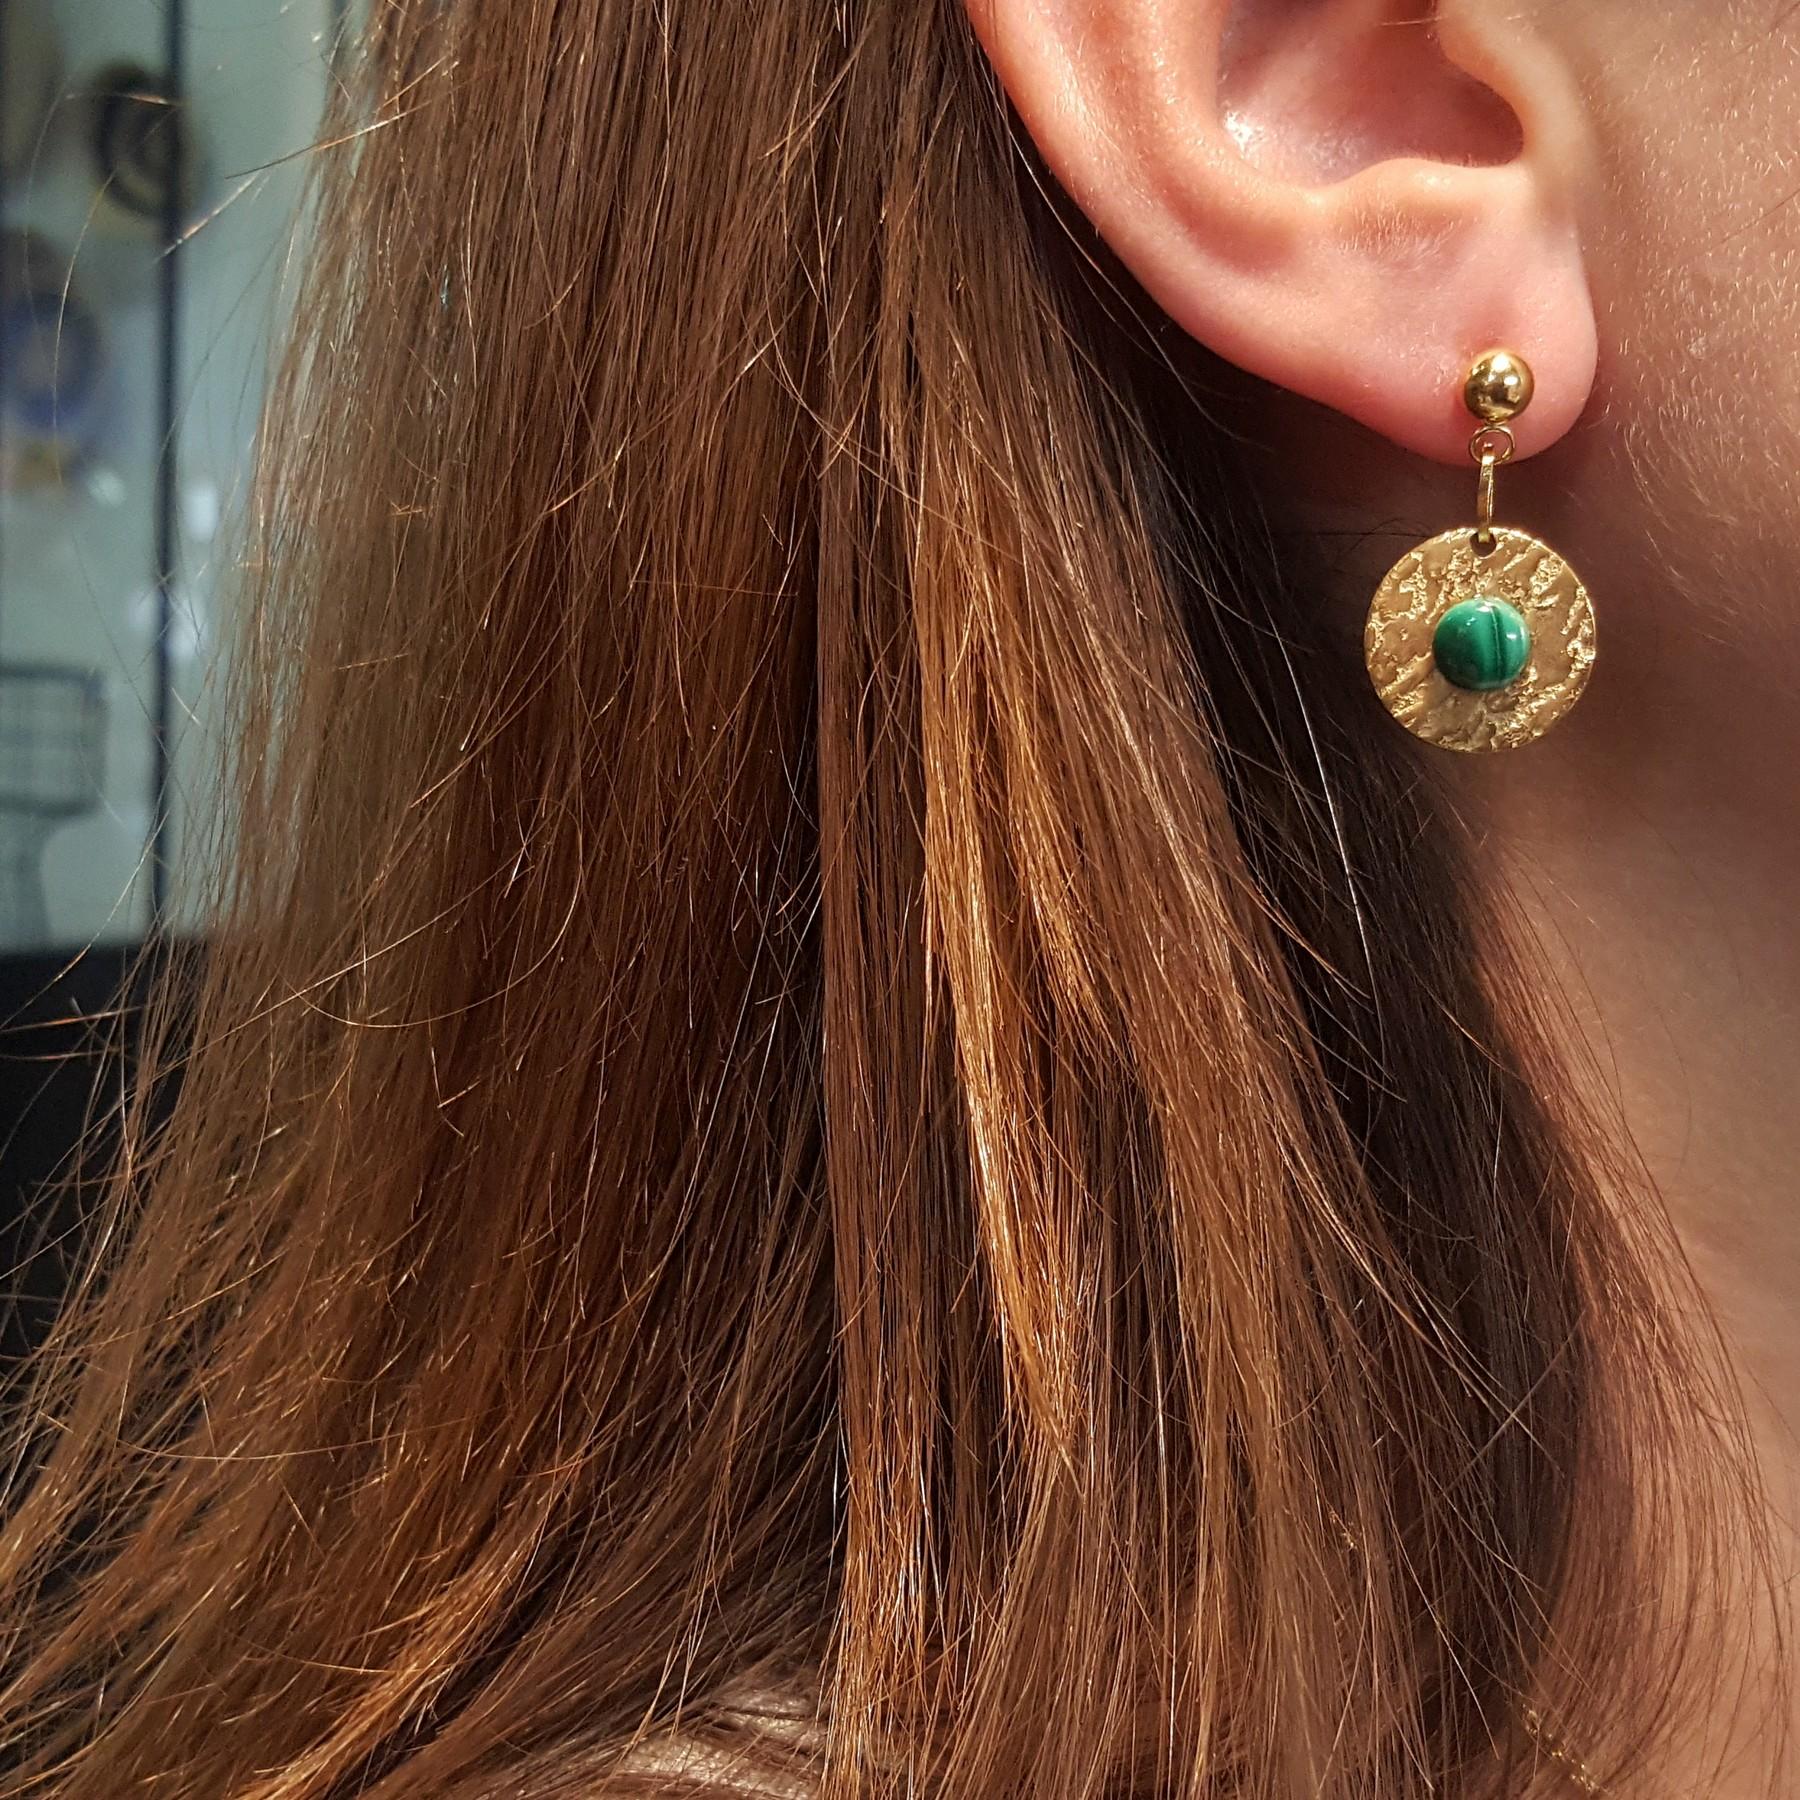 Boucles d'oreilles acier inox doré et malachite